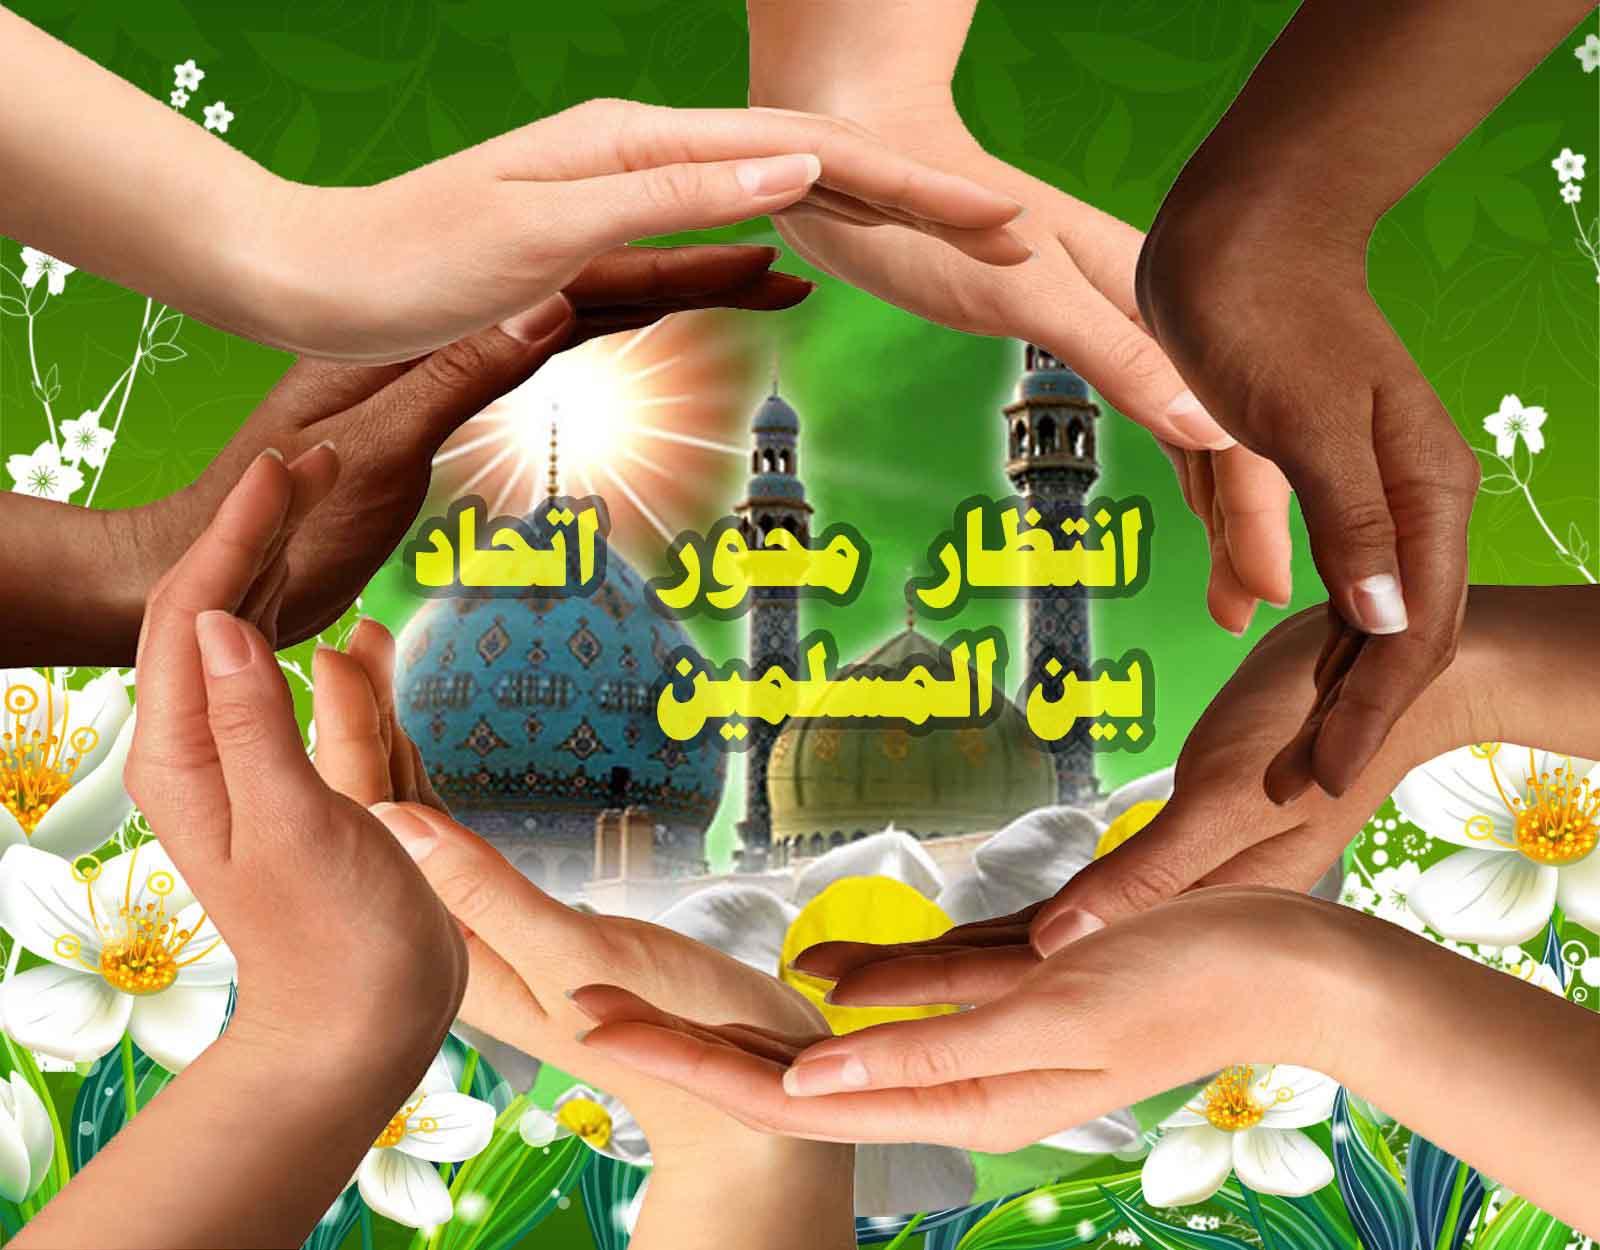 انتظار محور اتحاد بین المسلمین